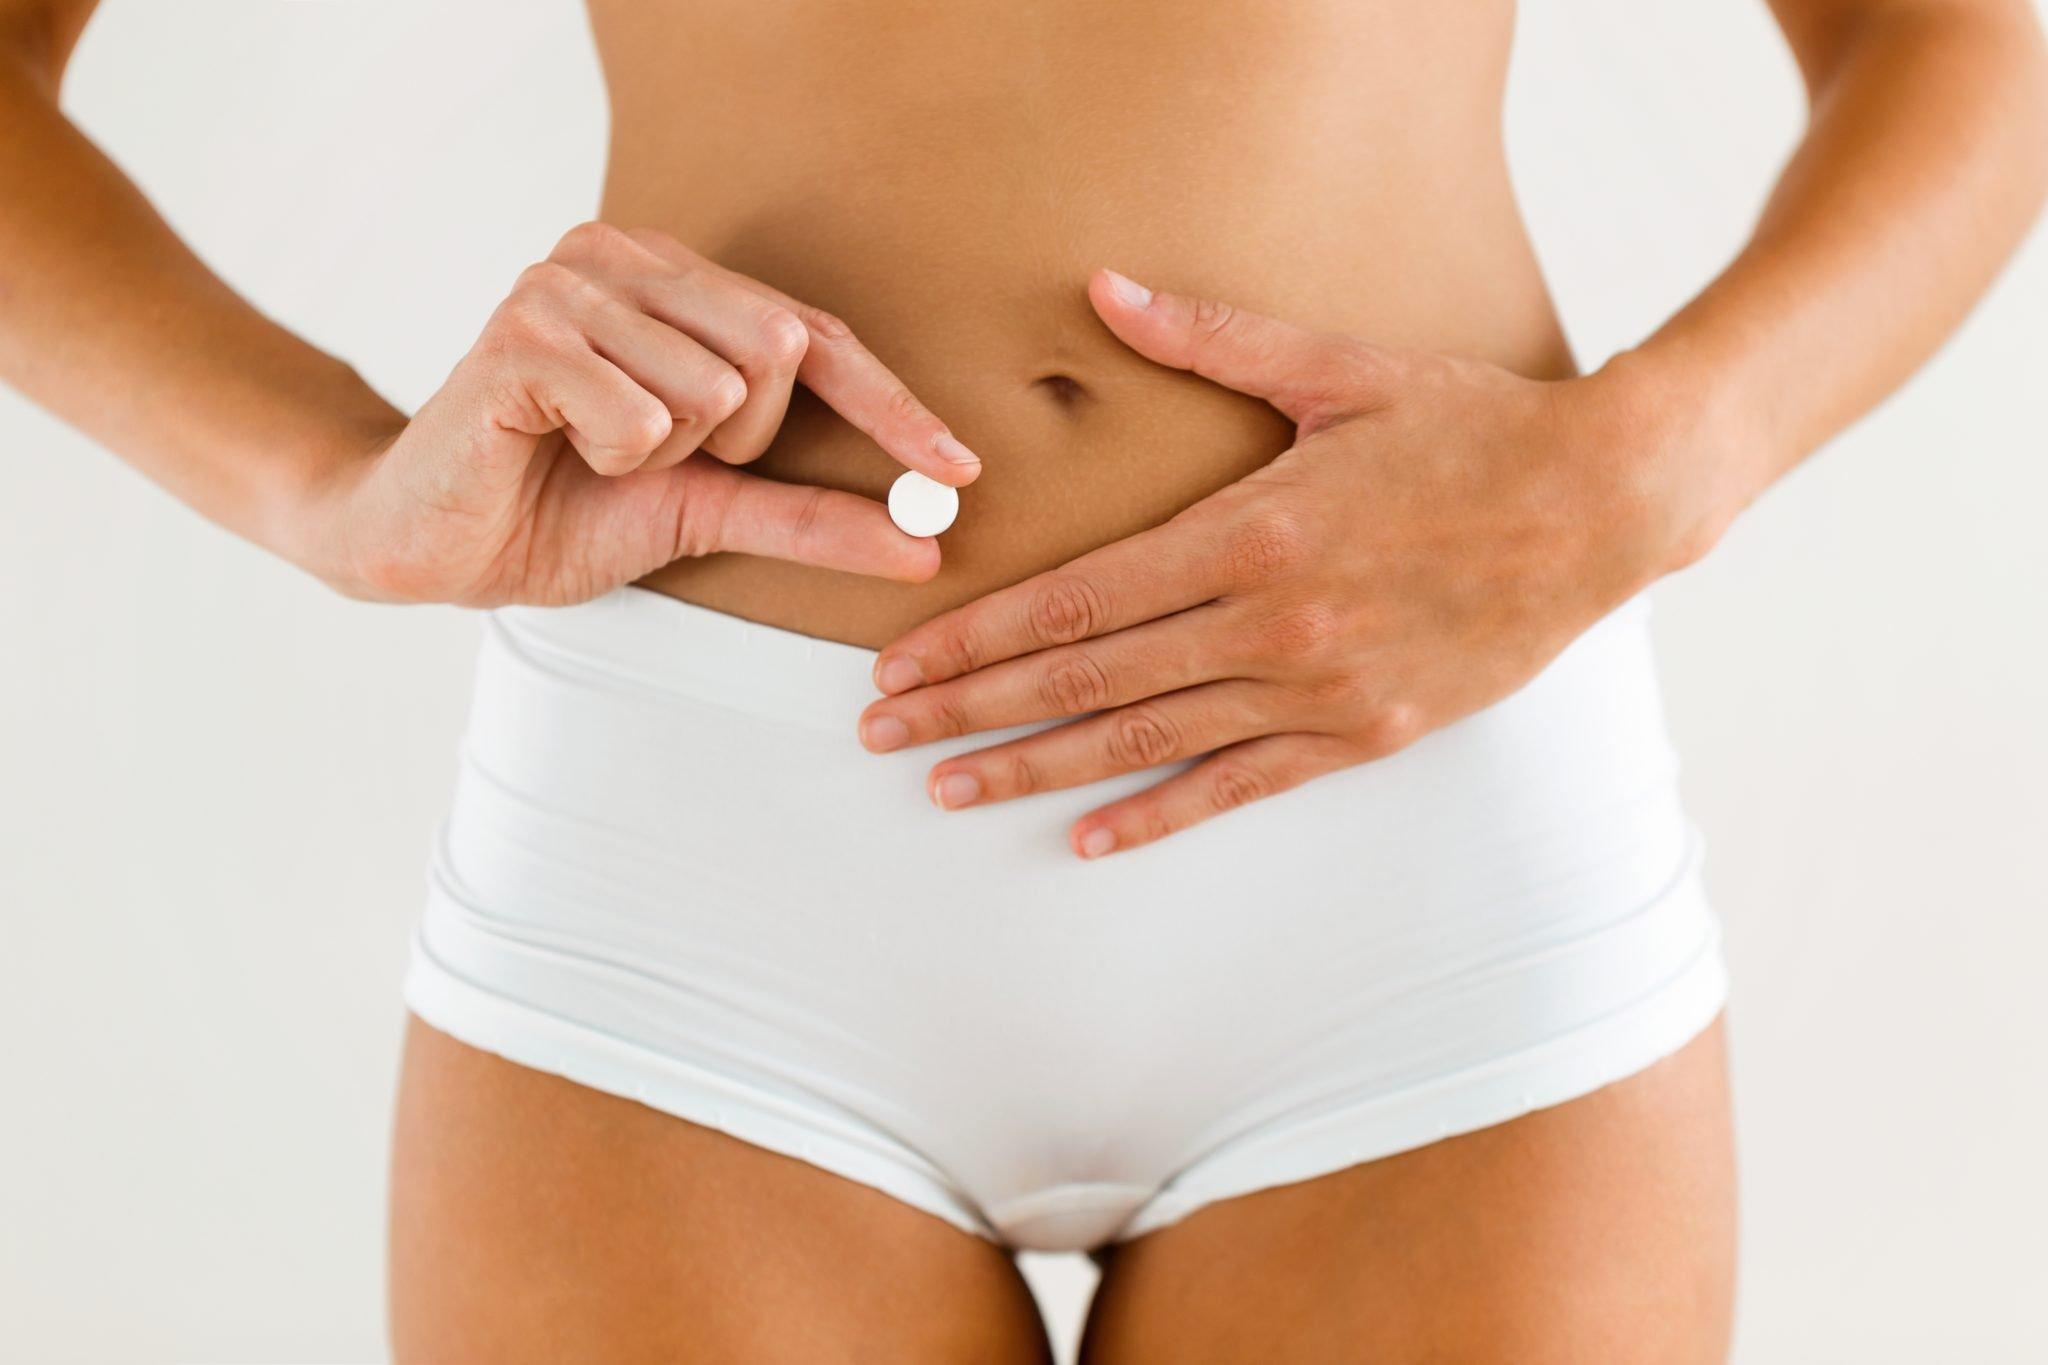 szczupły kobiecy brzuch i dłoń trzymająca probiotyki